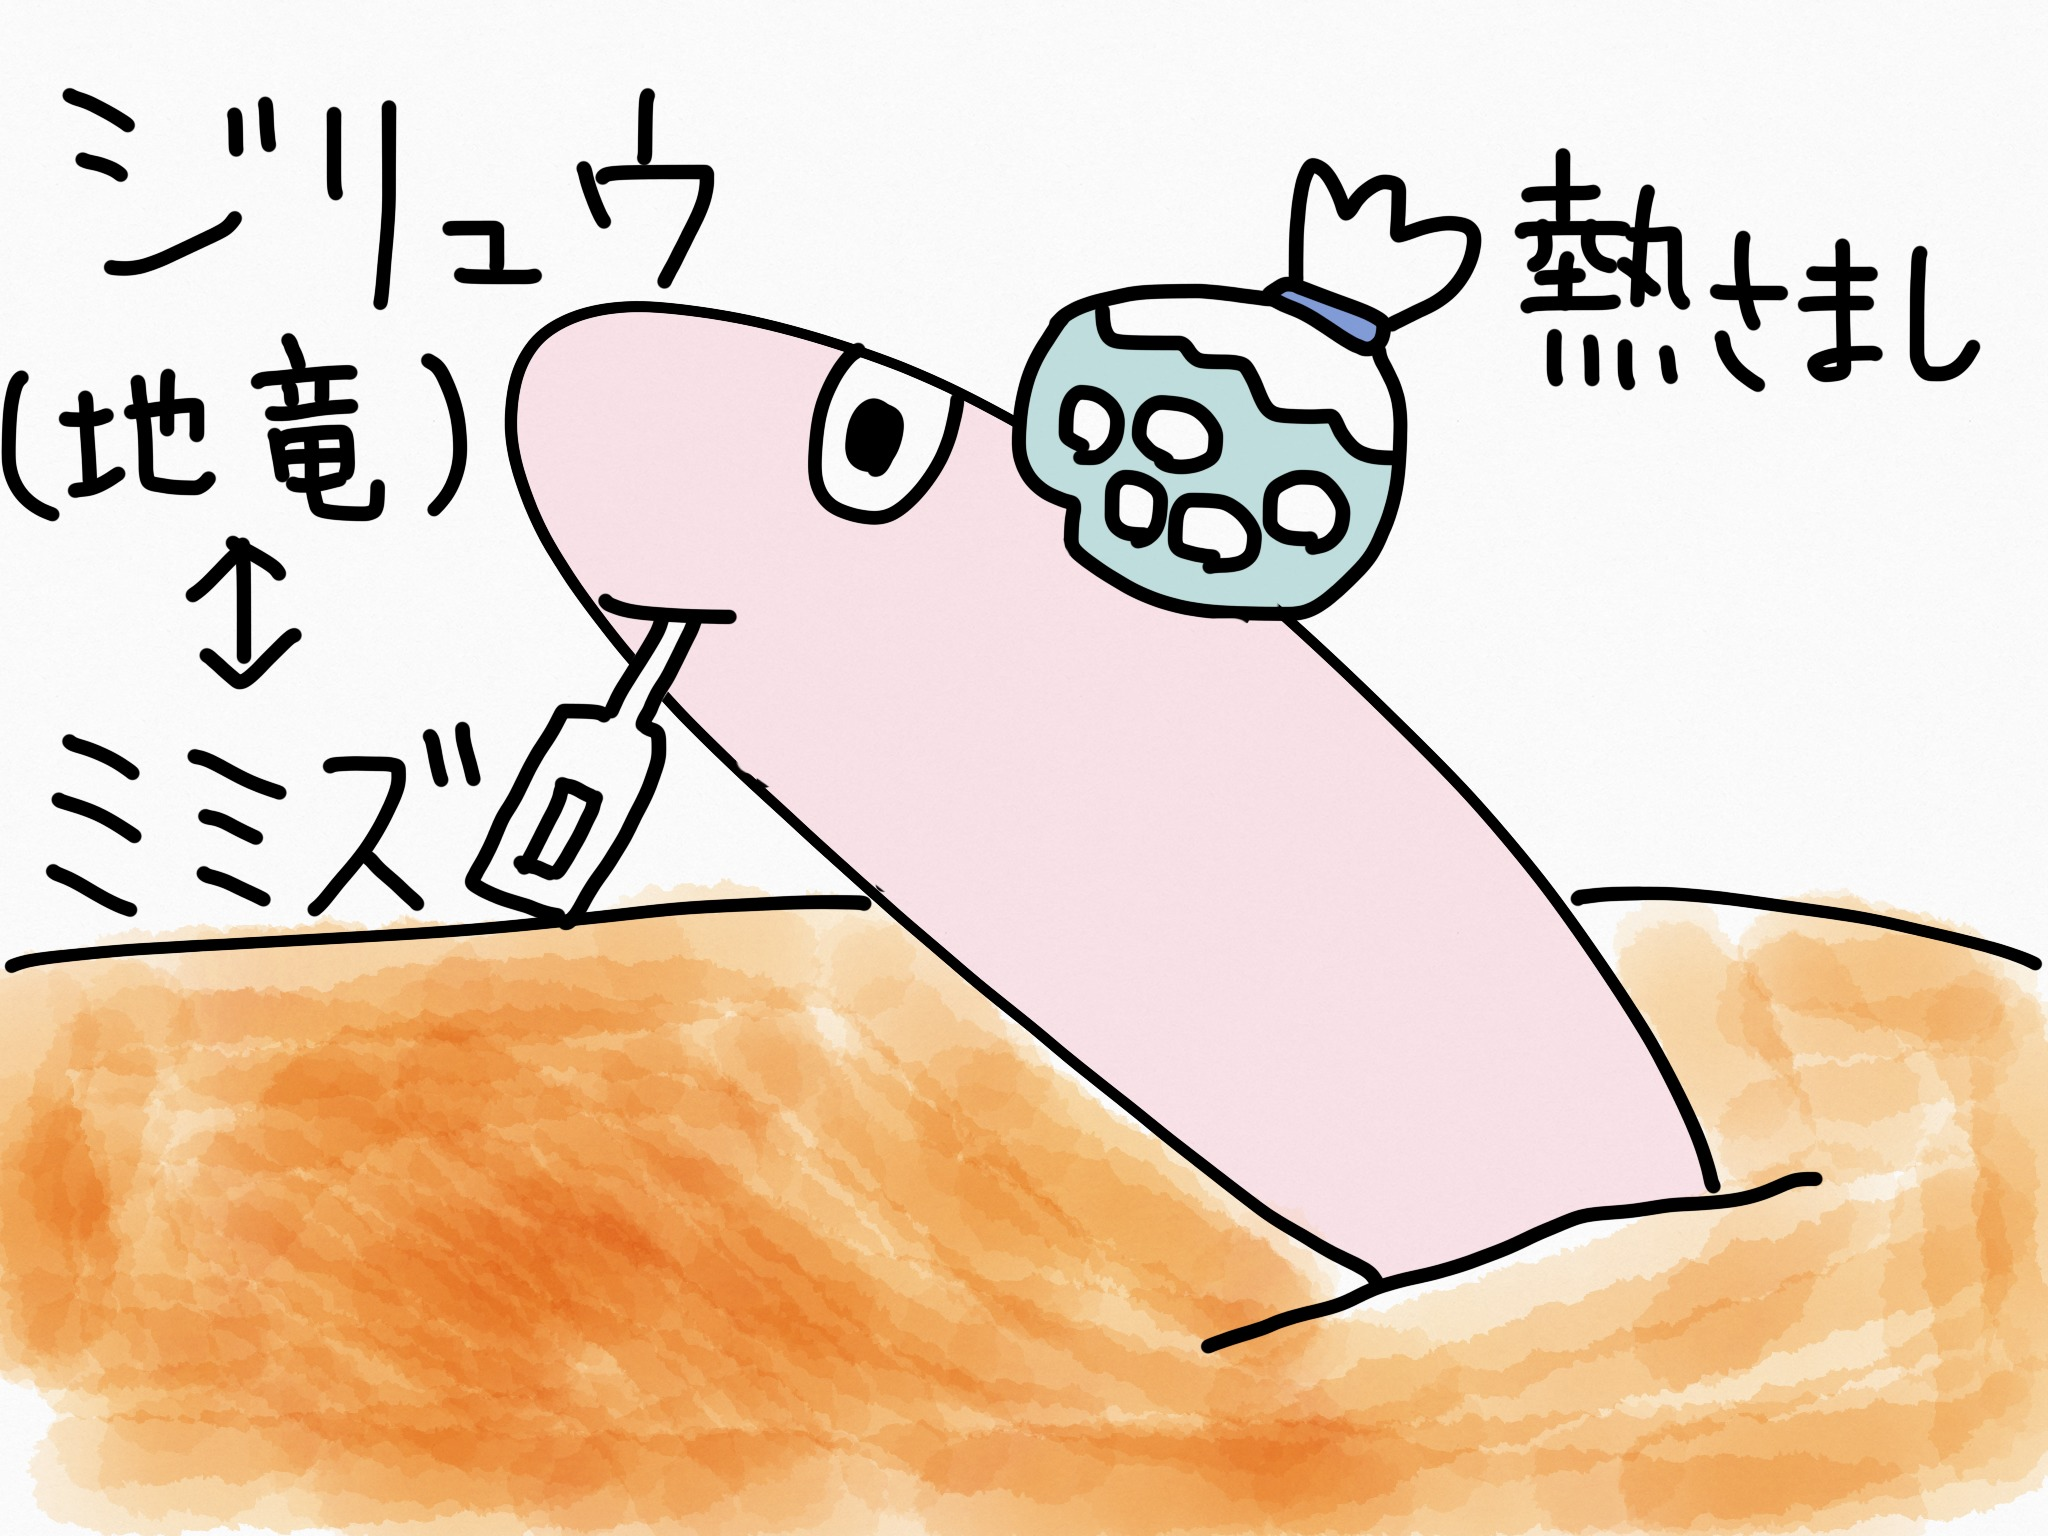 ジリュウ[解熱鎮痛薬、かぜ薬]【生薬の覚え方・暗記方法】